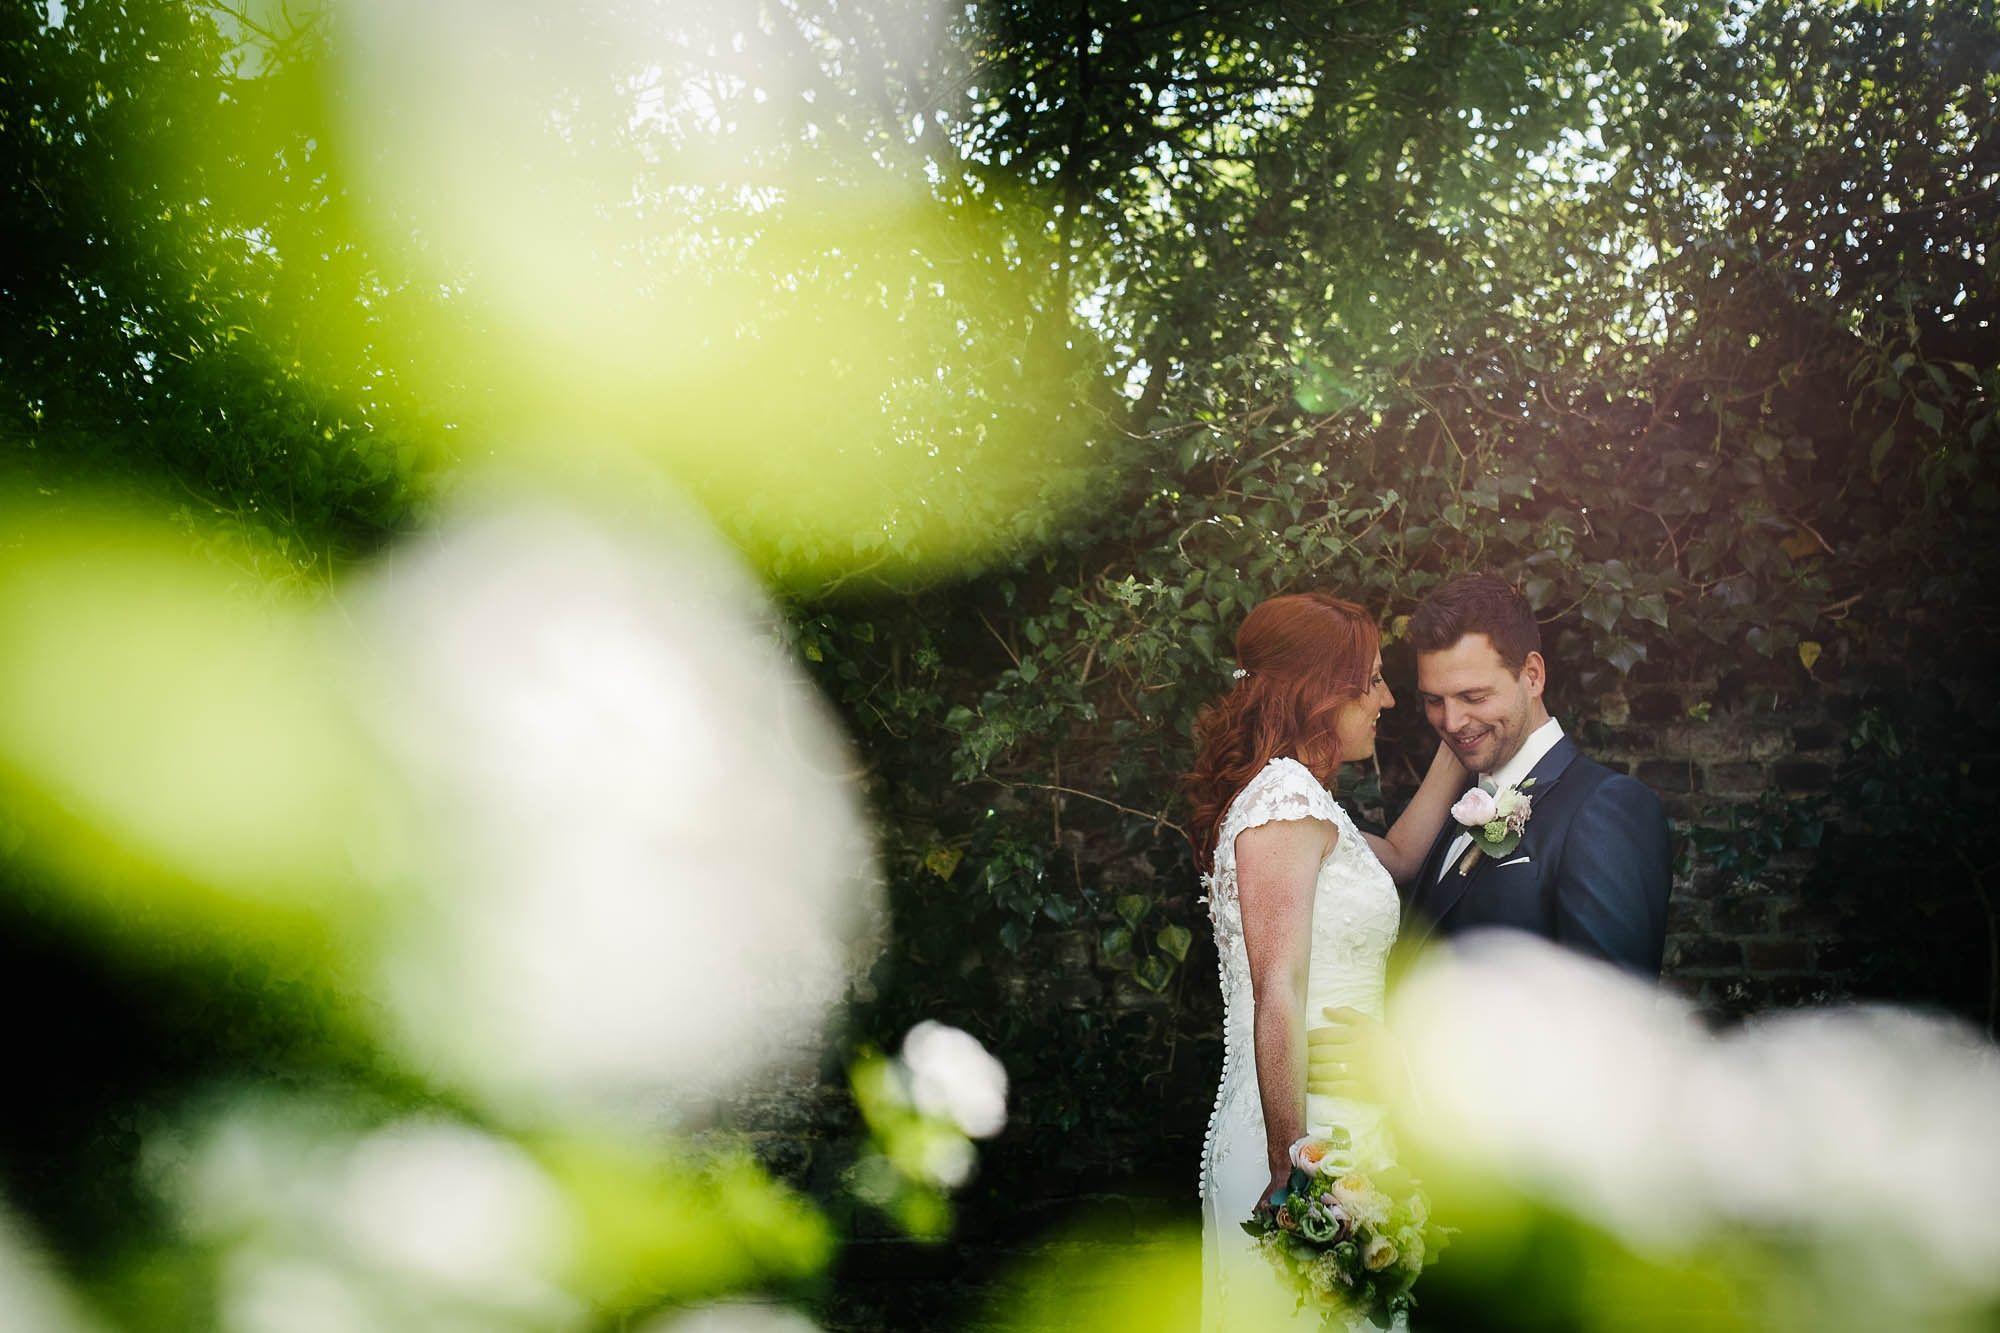 Bruidsfotograaf-Sittard-journalistieke-bruidsfotografie-060.jpg